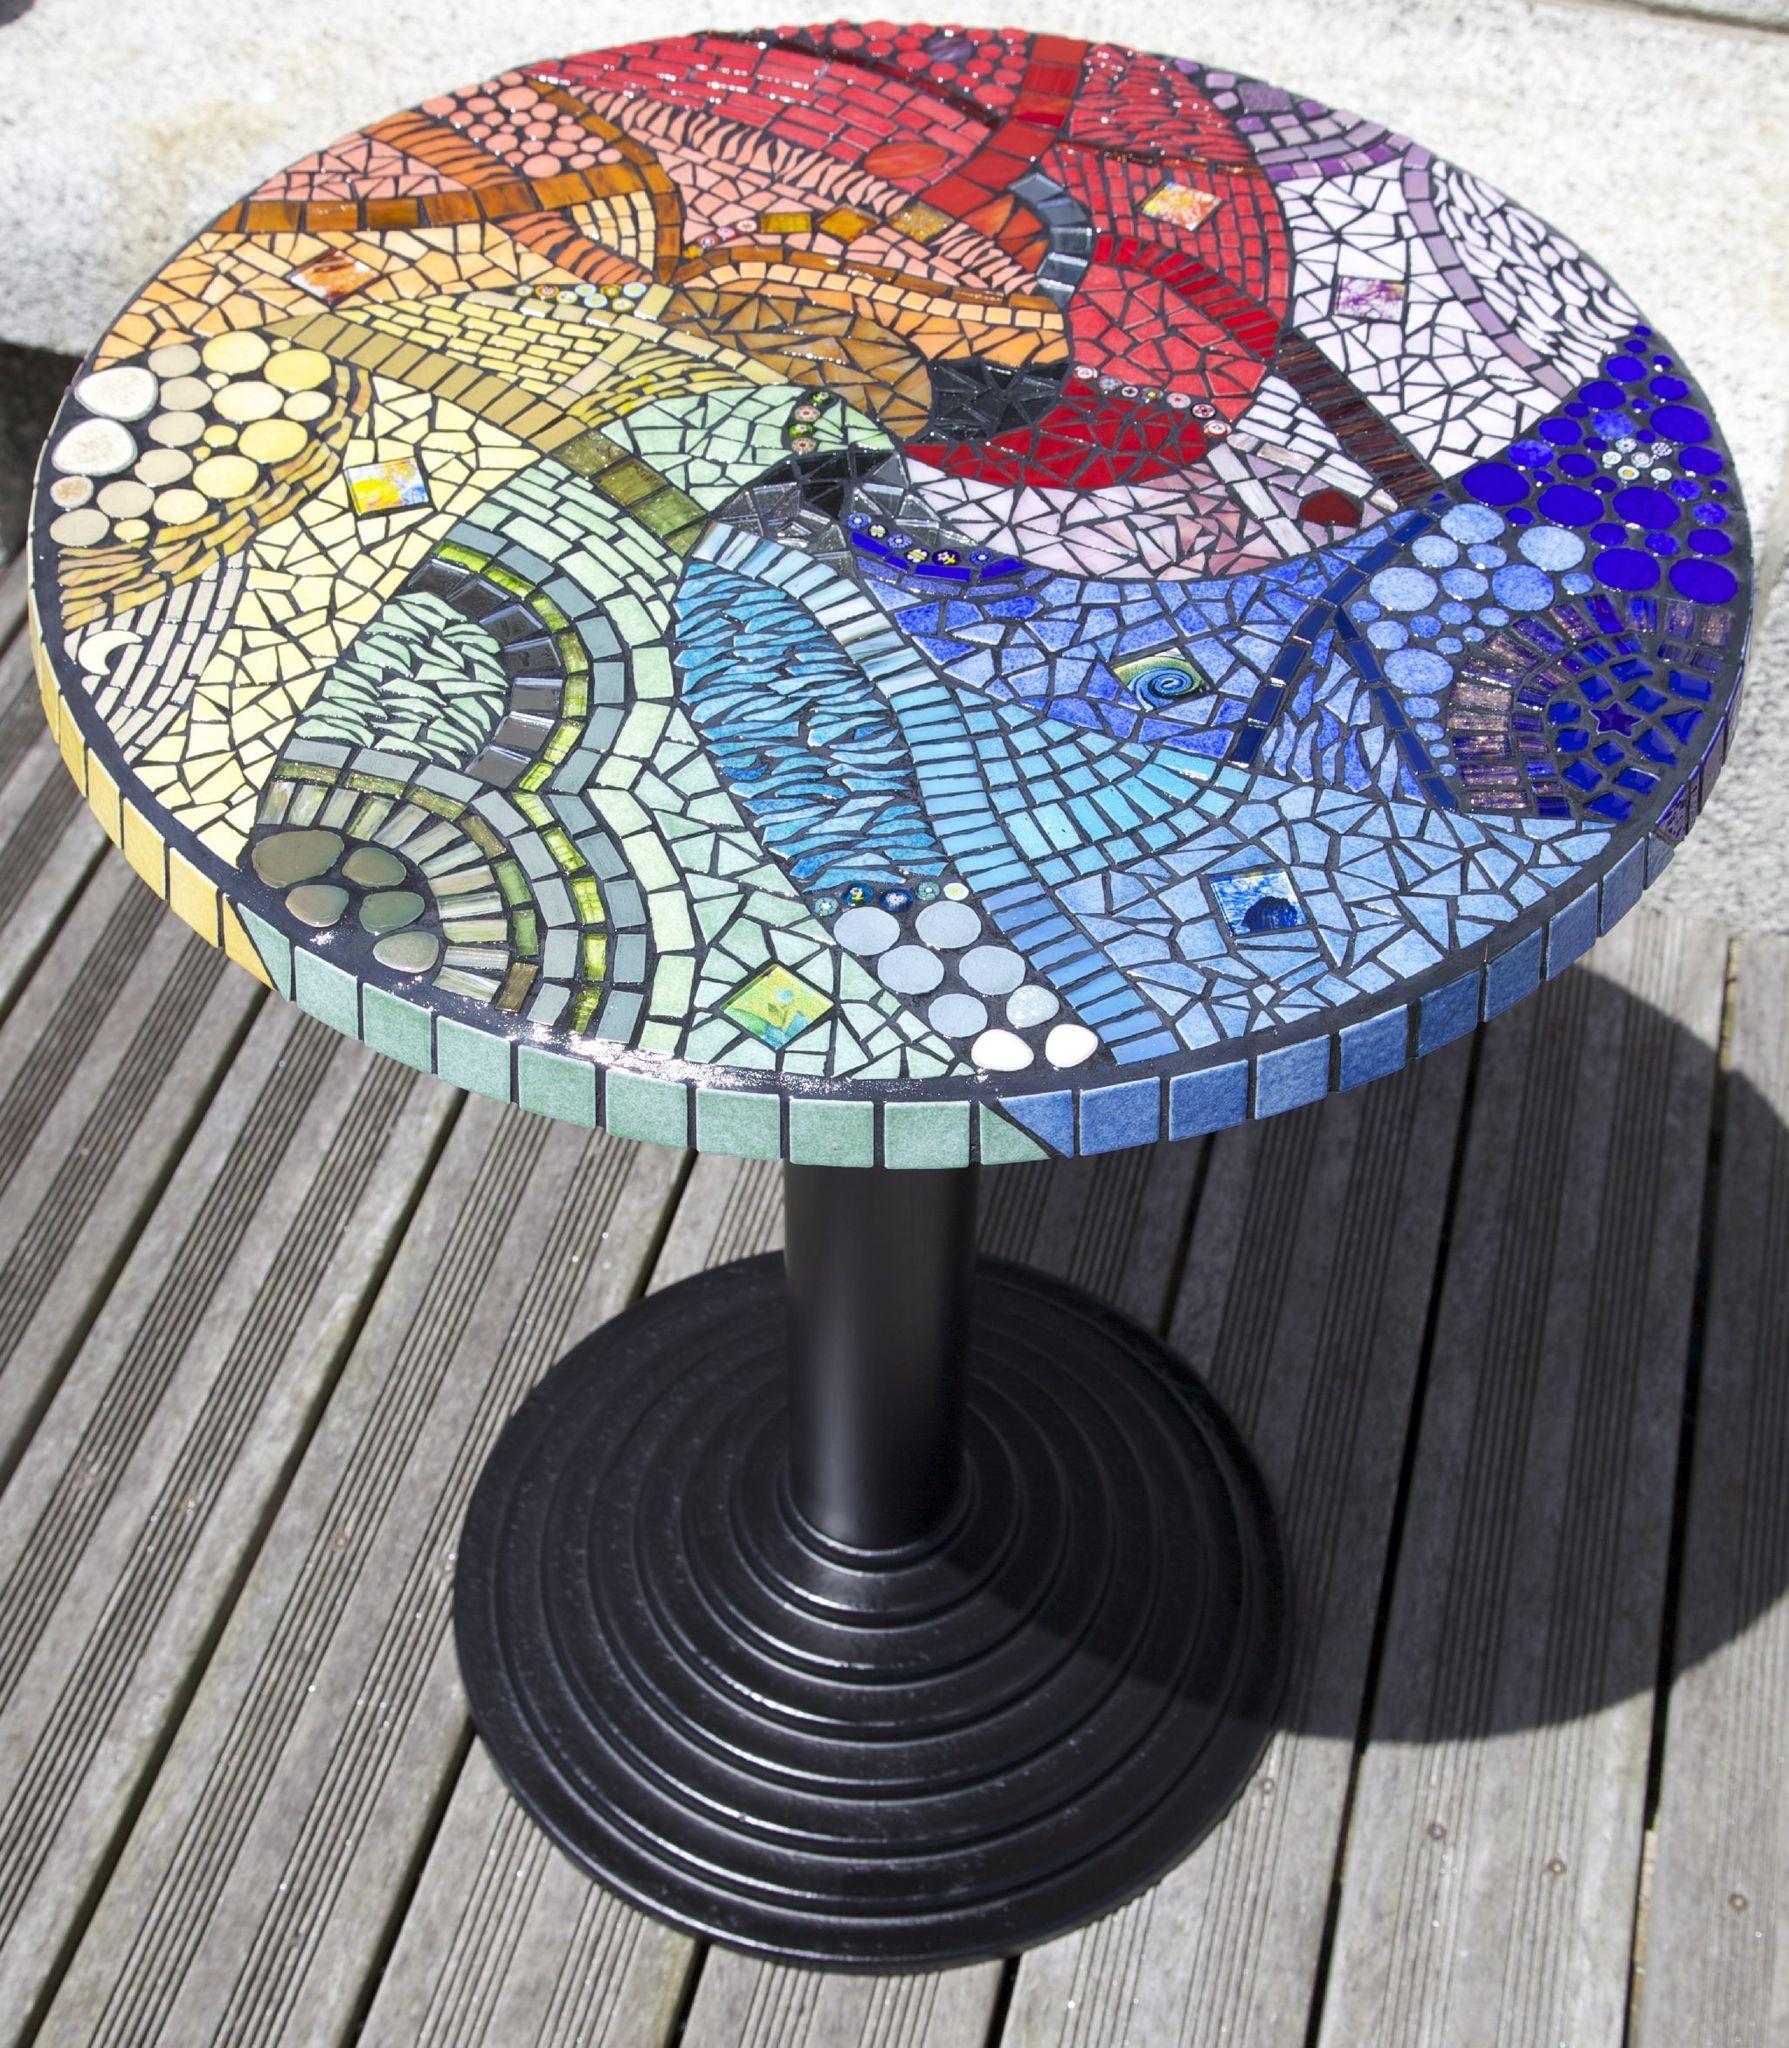 Boutique de vente en ligne de tables mosaiques a prix mini ...